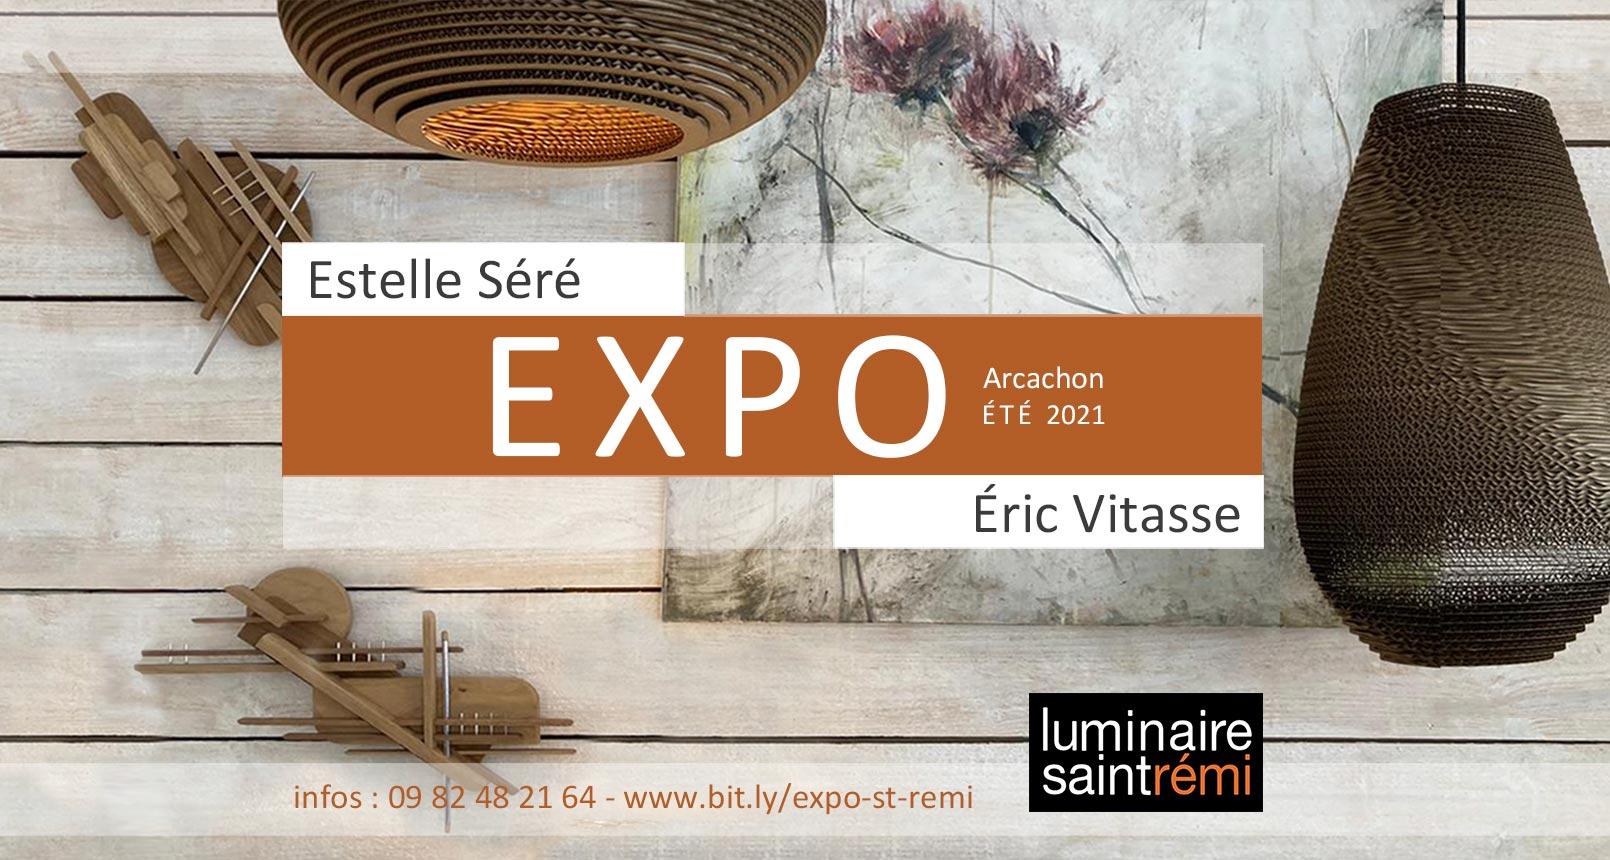 Exposition Arcachon - peintures Estelle Séré / sculptures Éric Vitasse Éte 2021